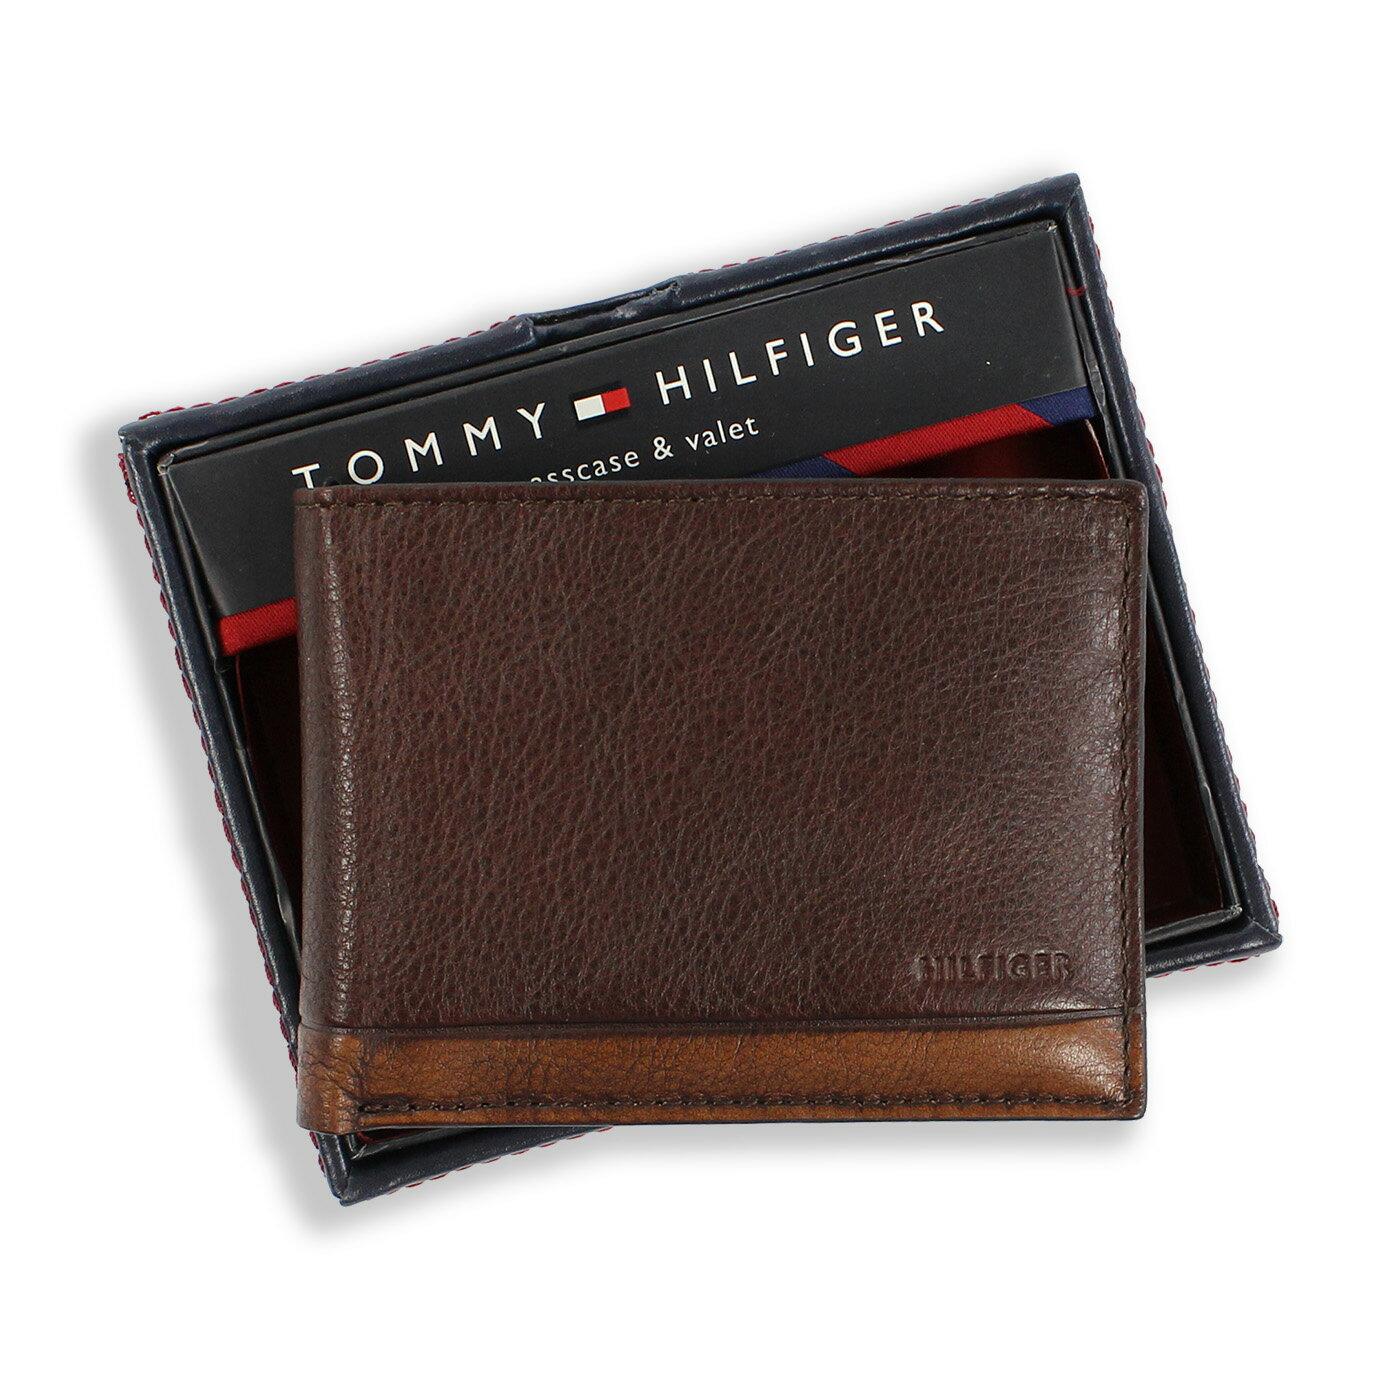 美國百分百【全新真品】Tommy Hilfiger 真皮 皮夾 皮包 卡片 TH 短夾 錢包 復古洗舊 咖啡色 F837